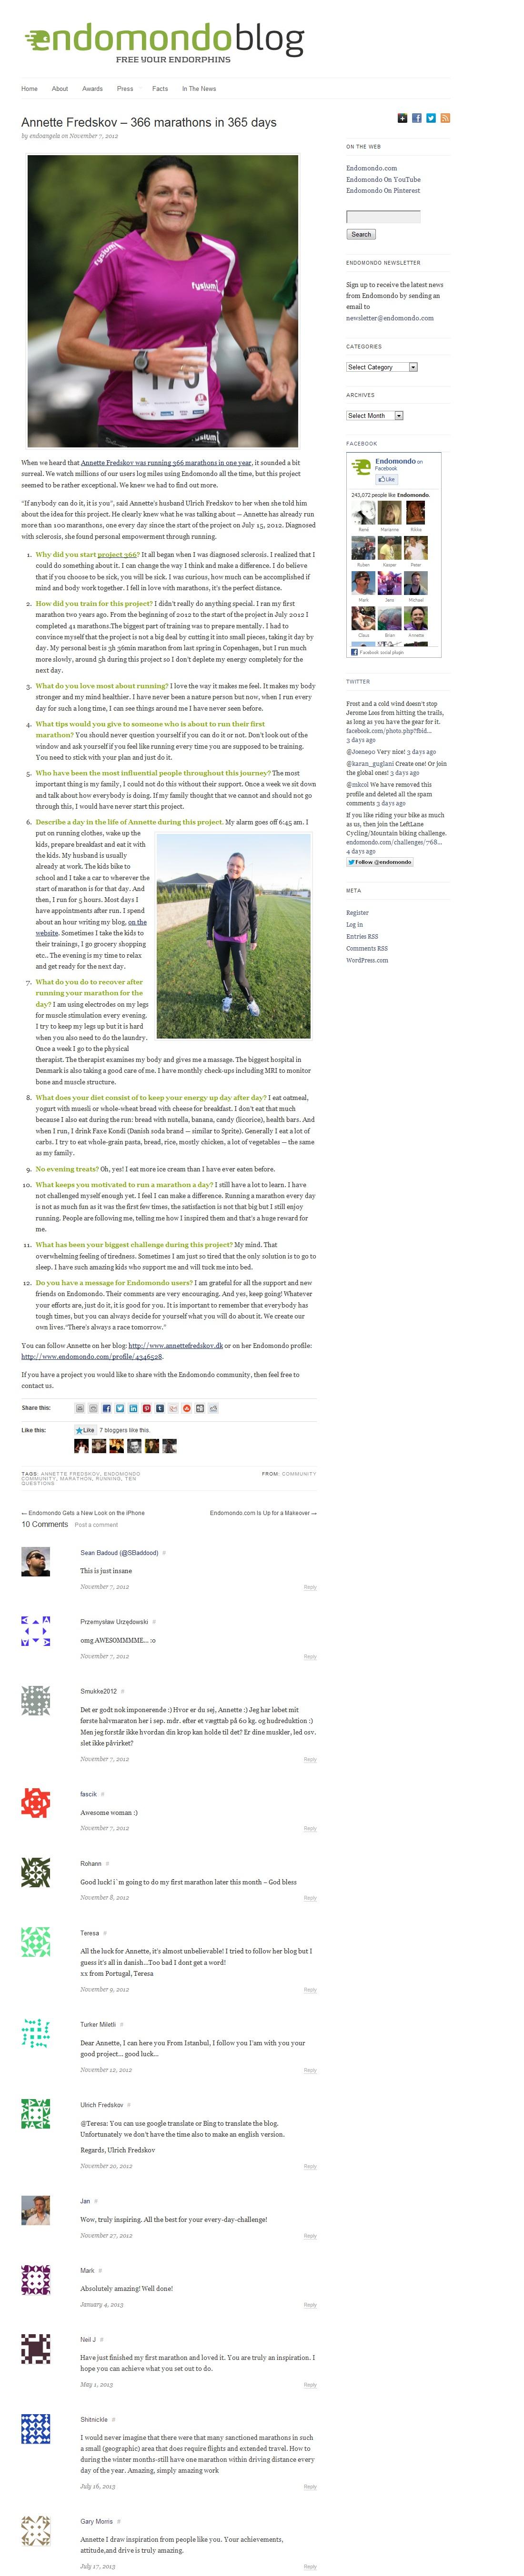 Endomondo - Blog 2012.11.07 2